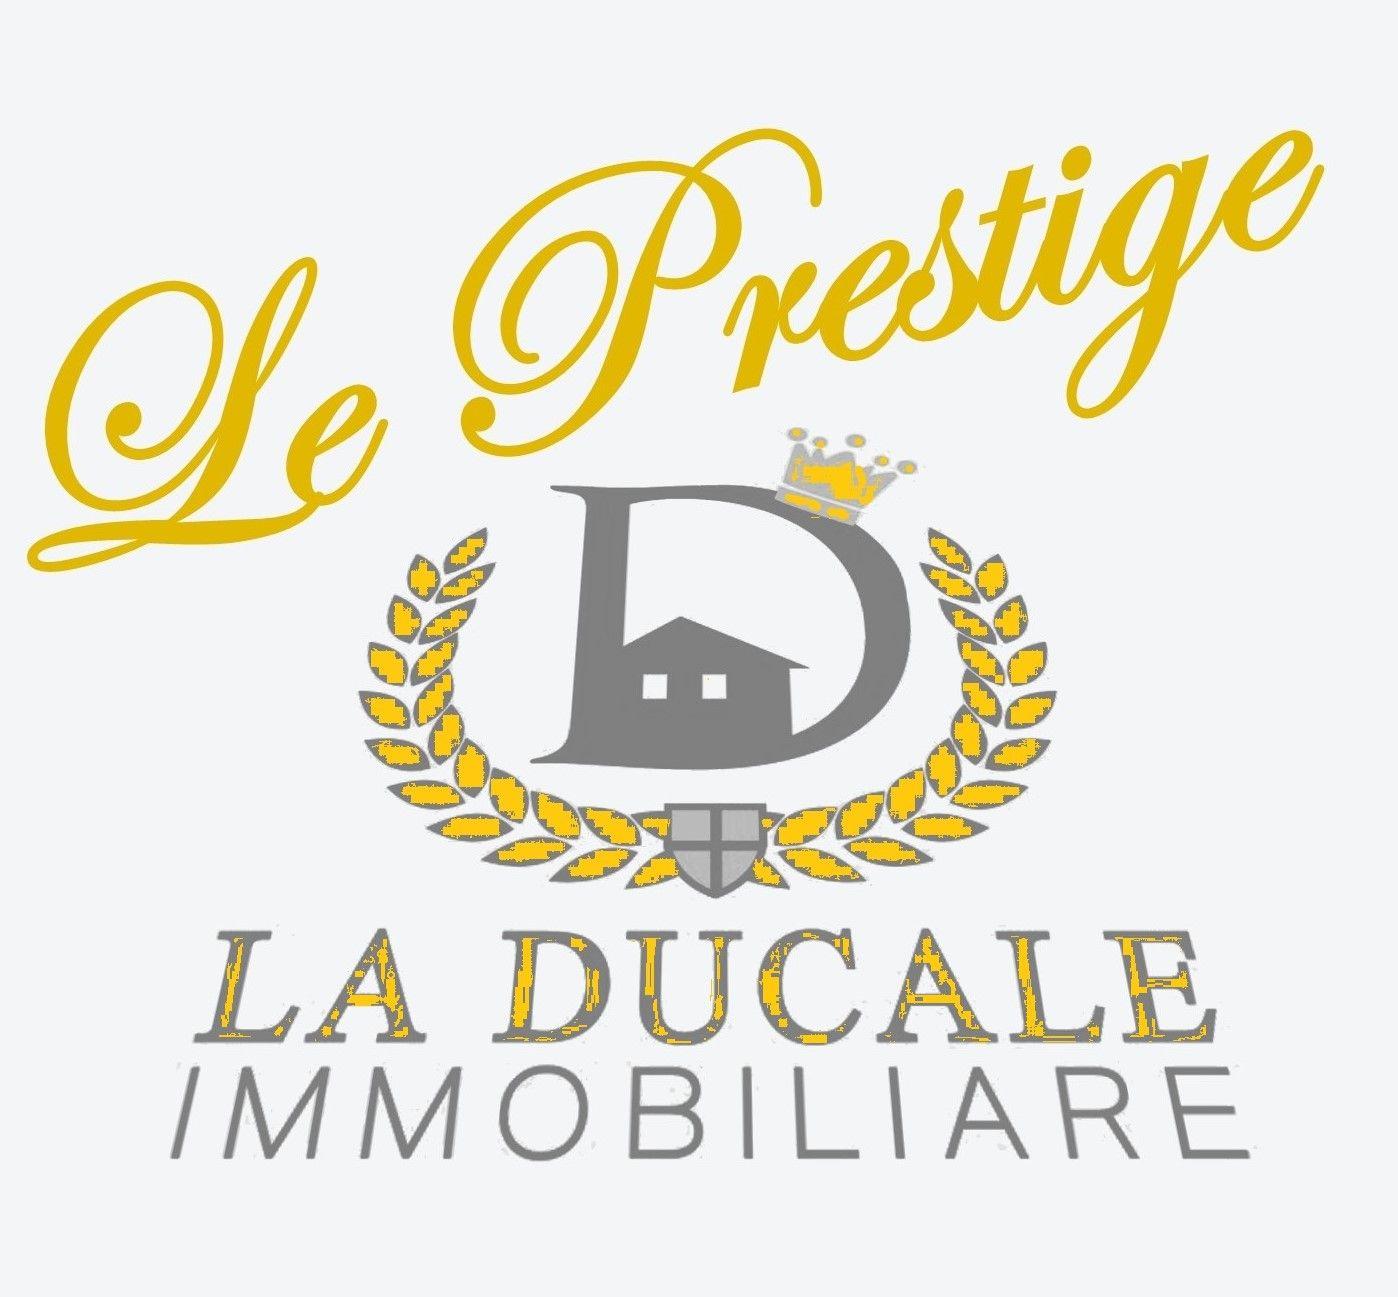 La Ducale immobiliare